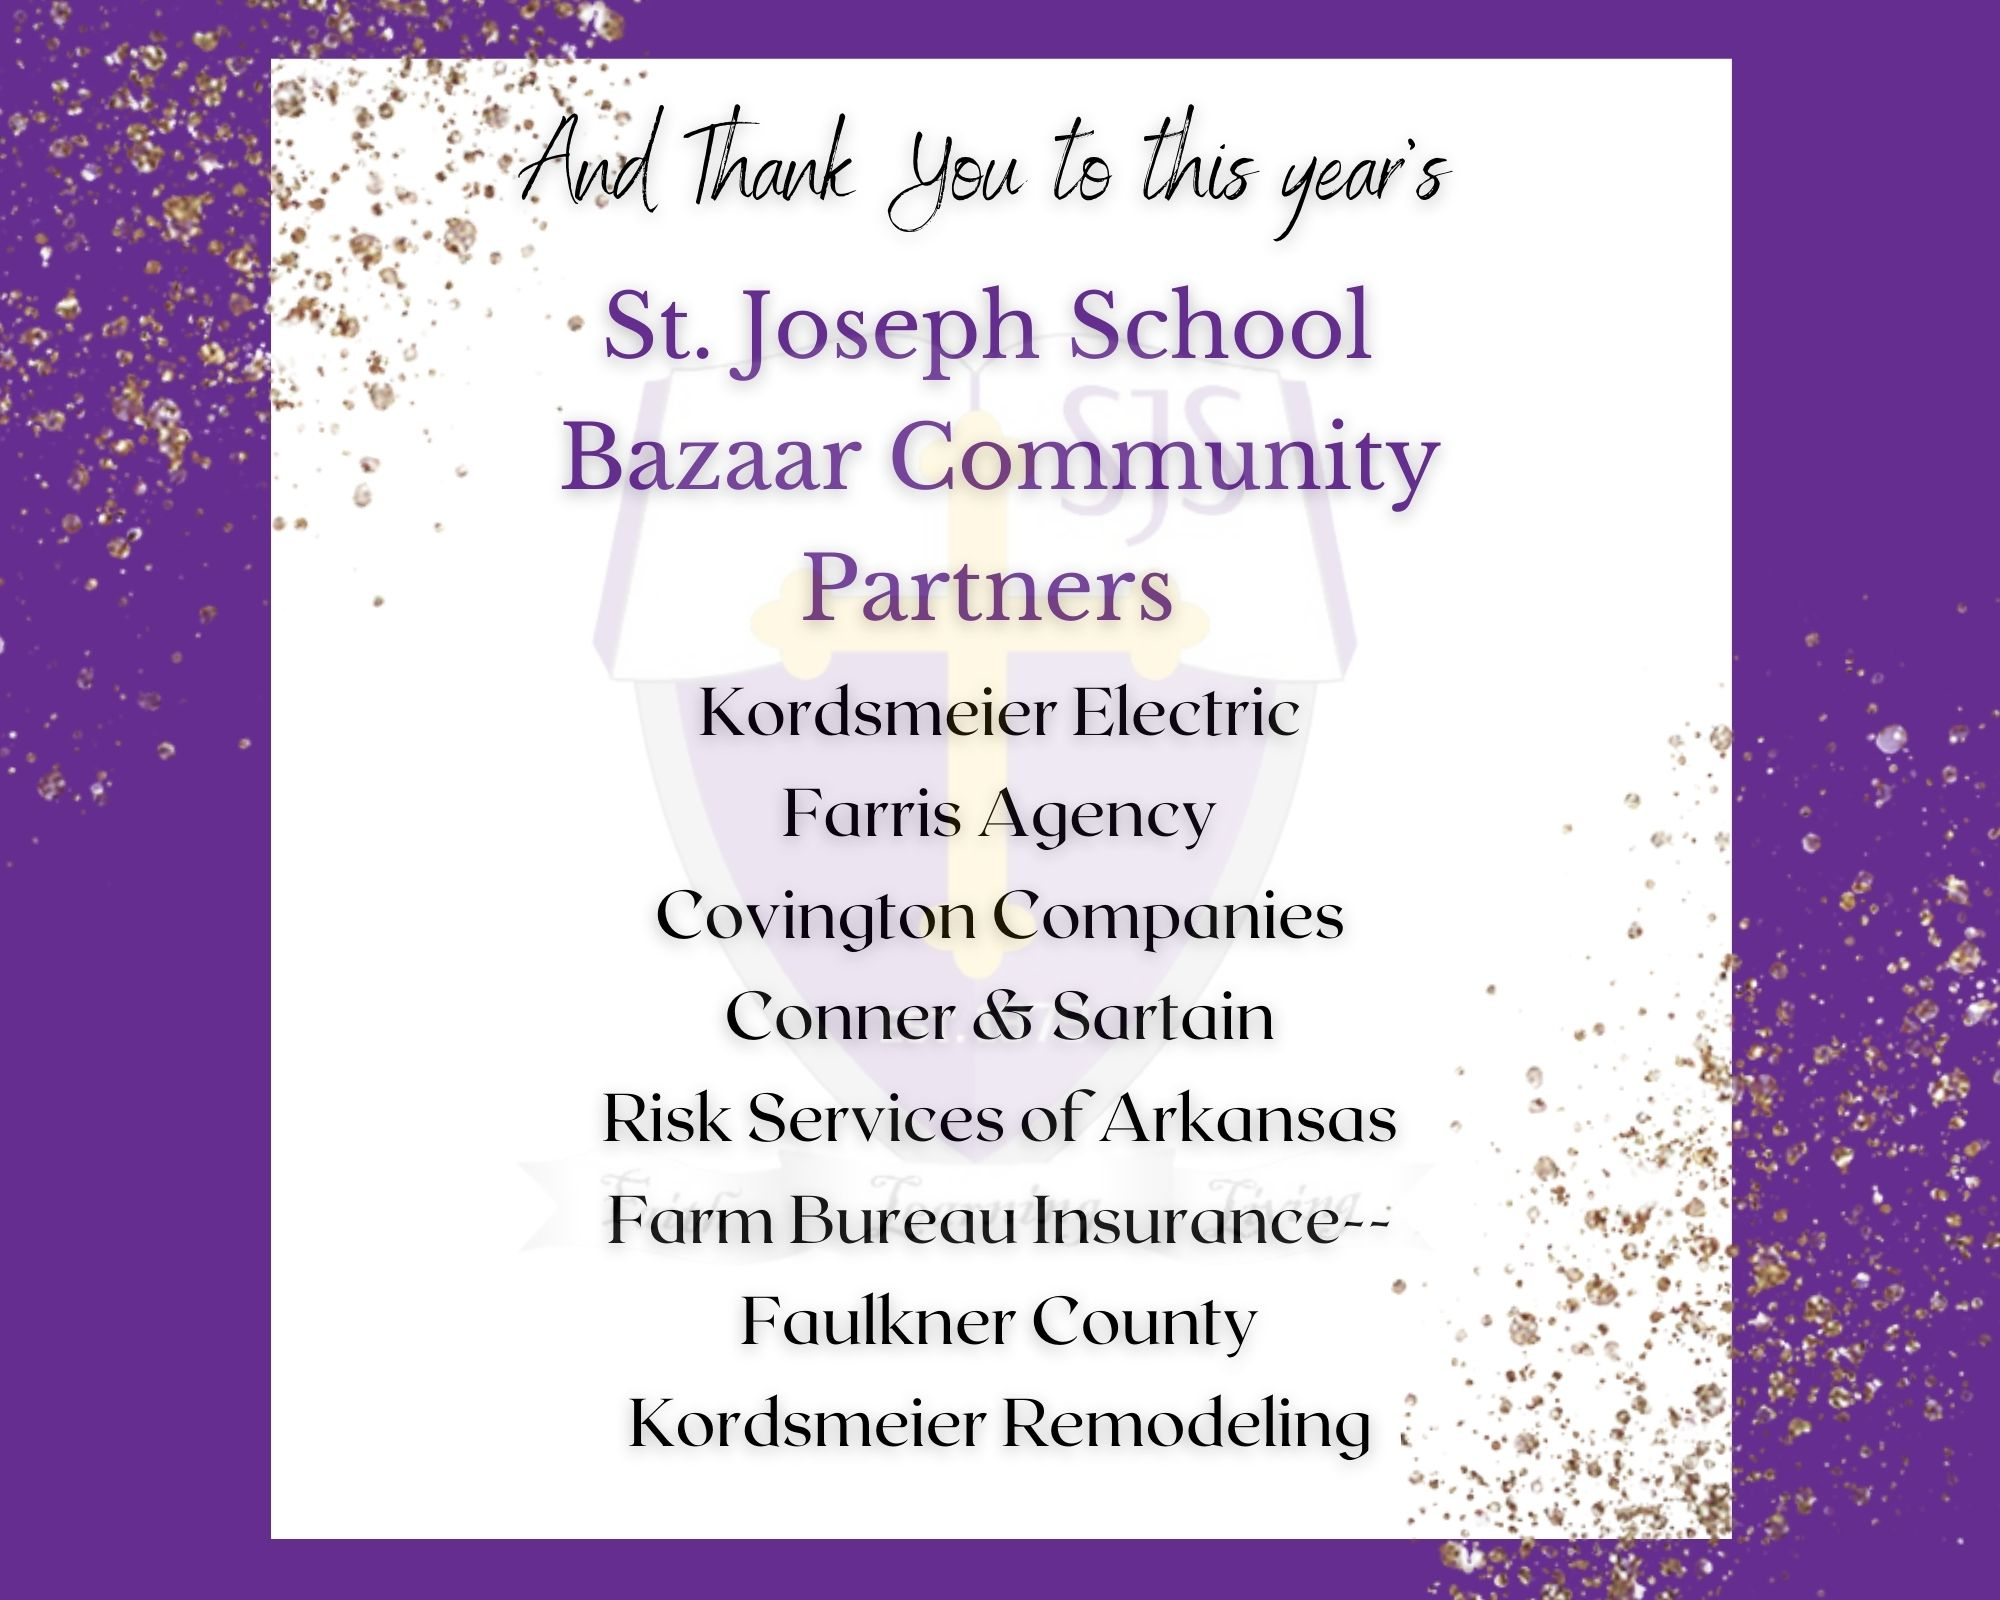 Bazaar Community Partners